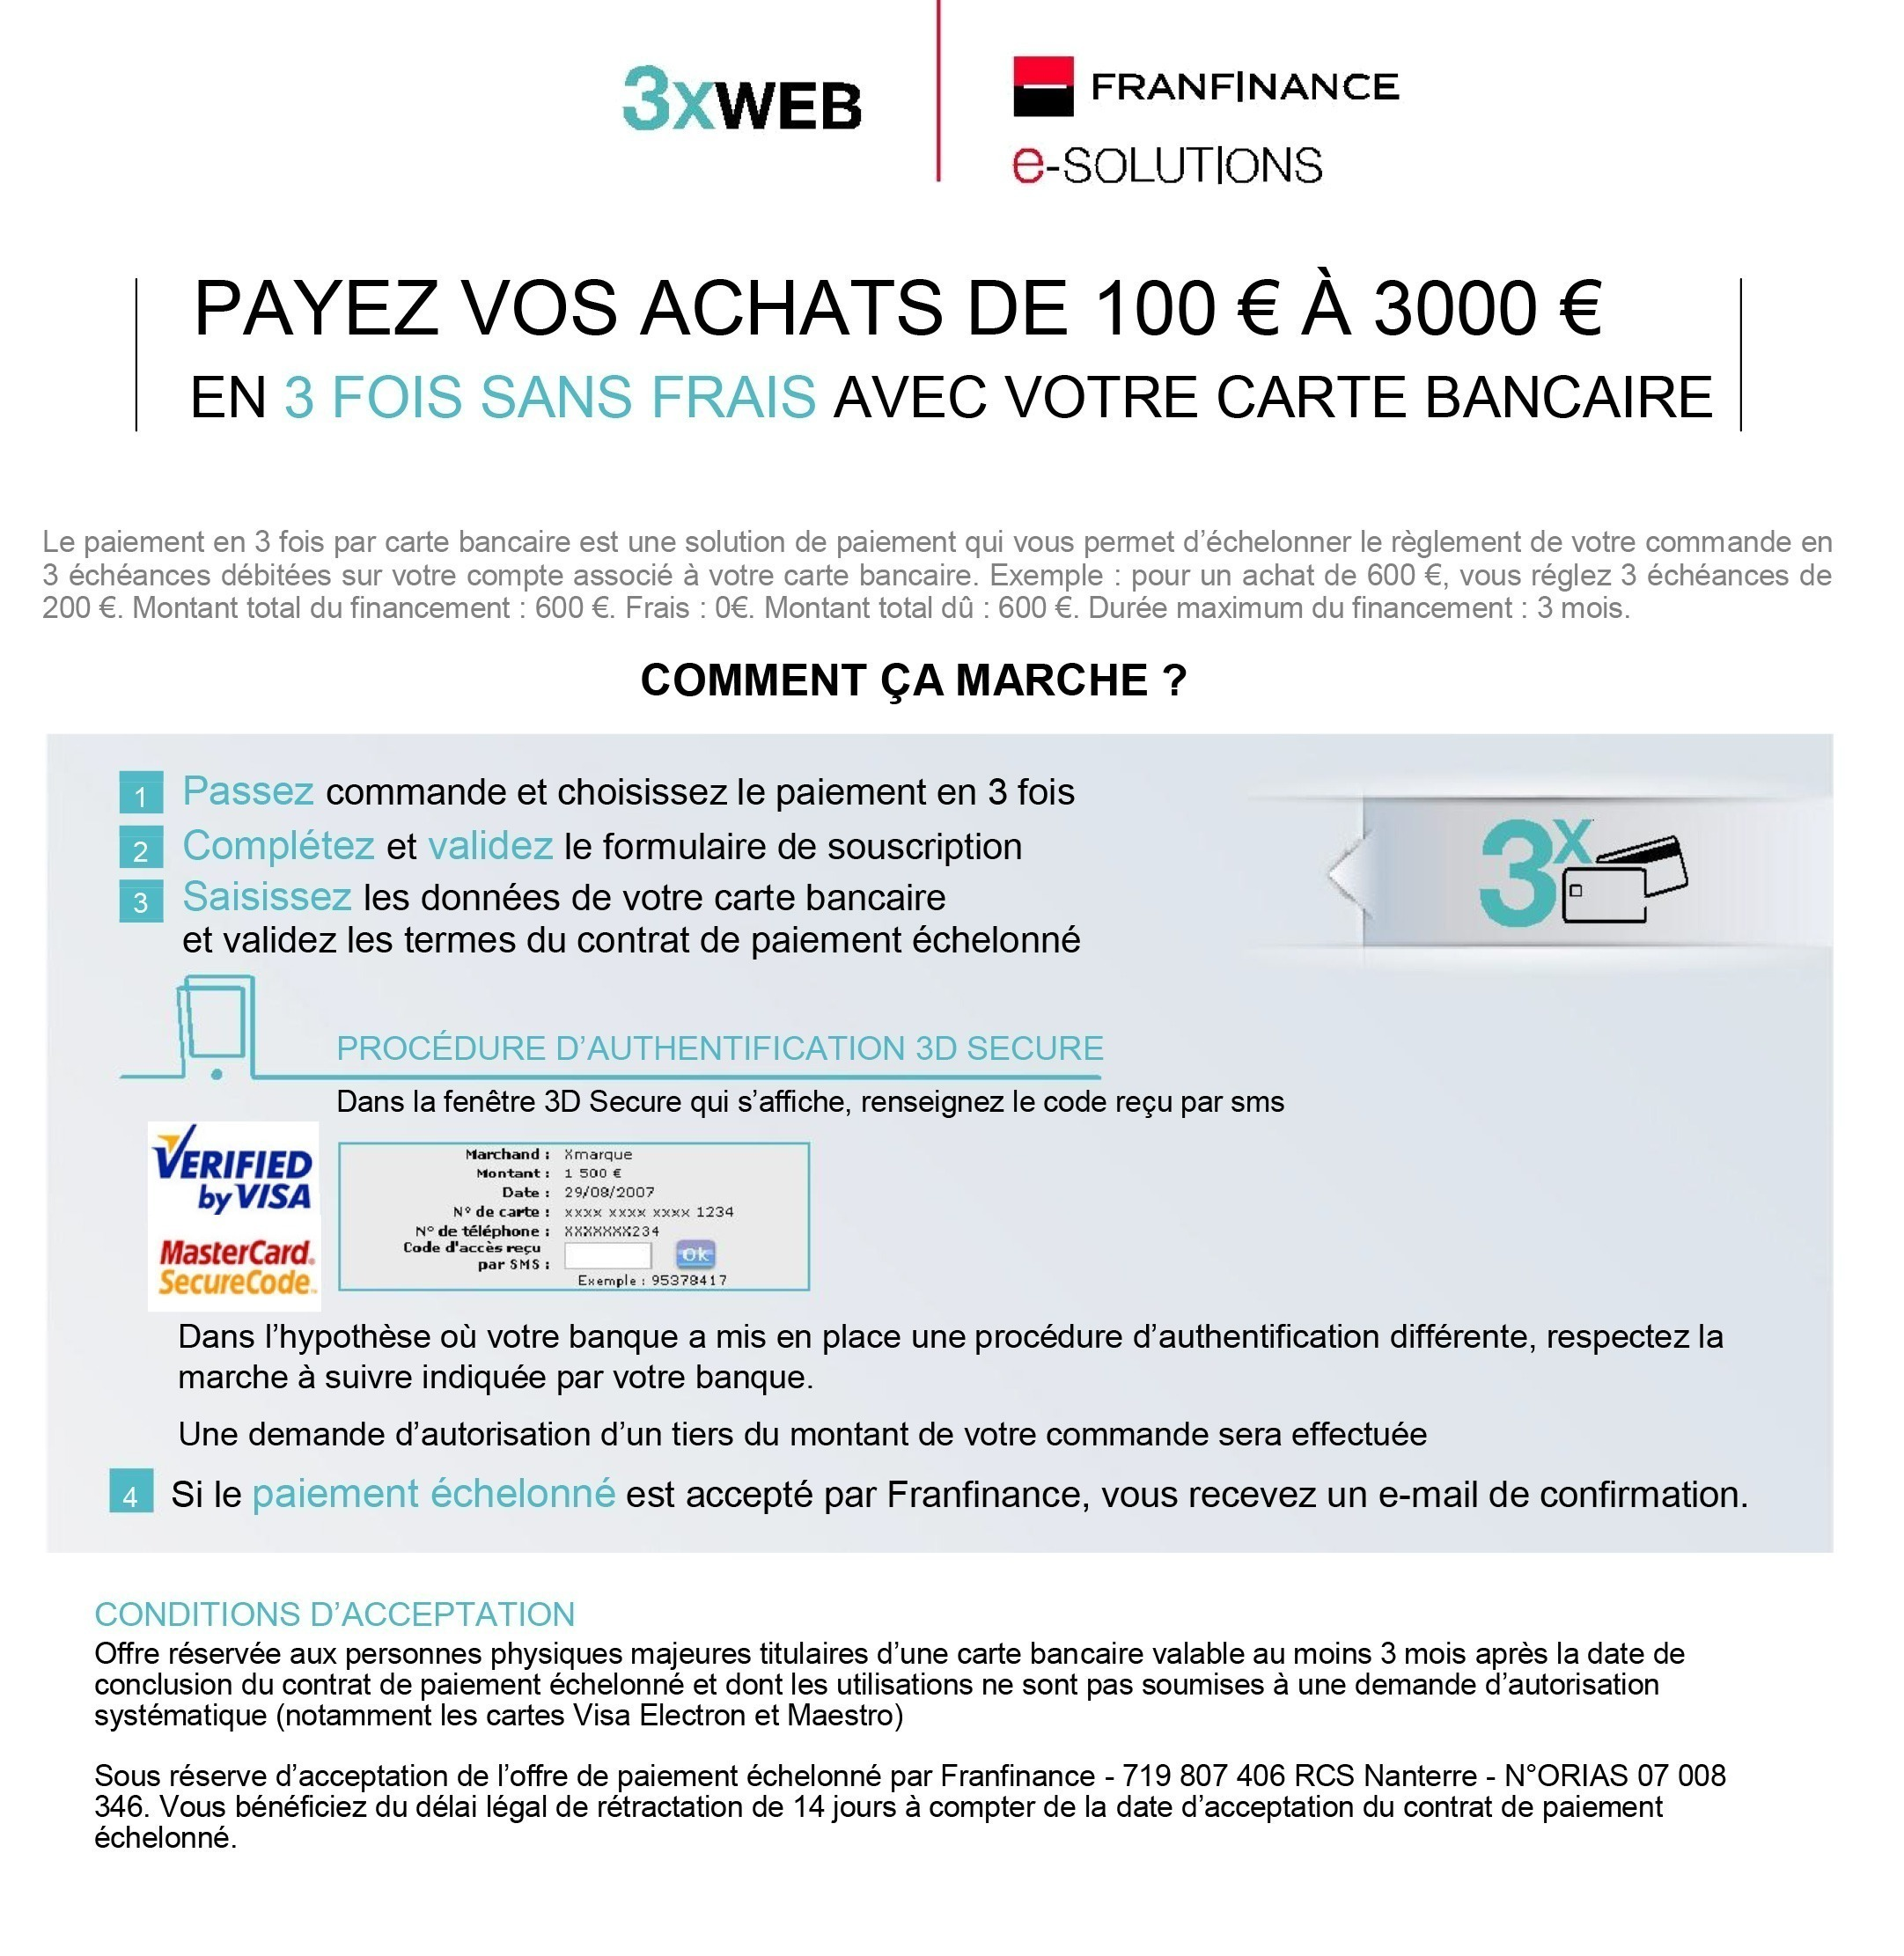 3x_web_franfinance.jpg